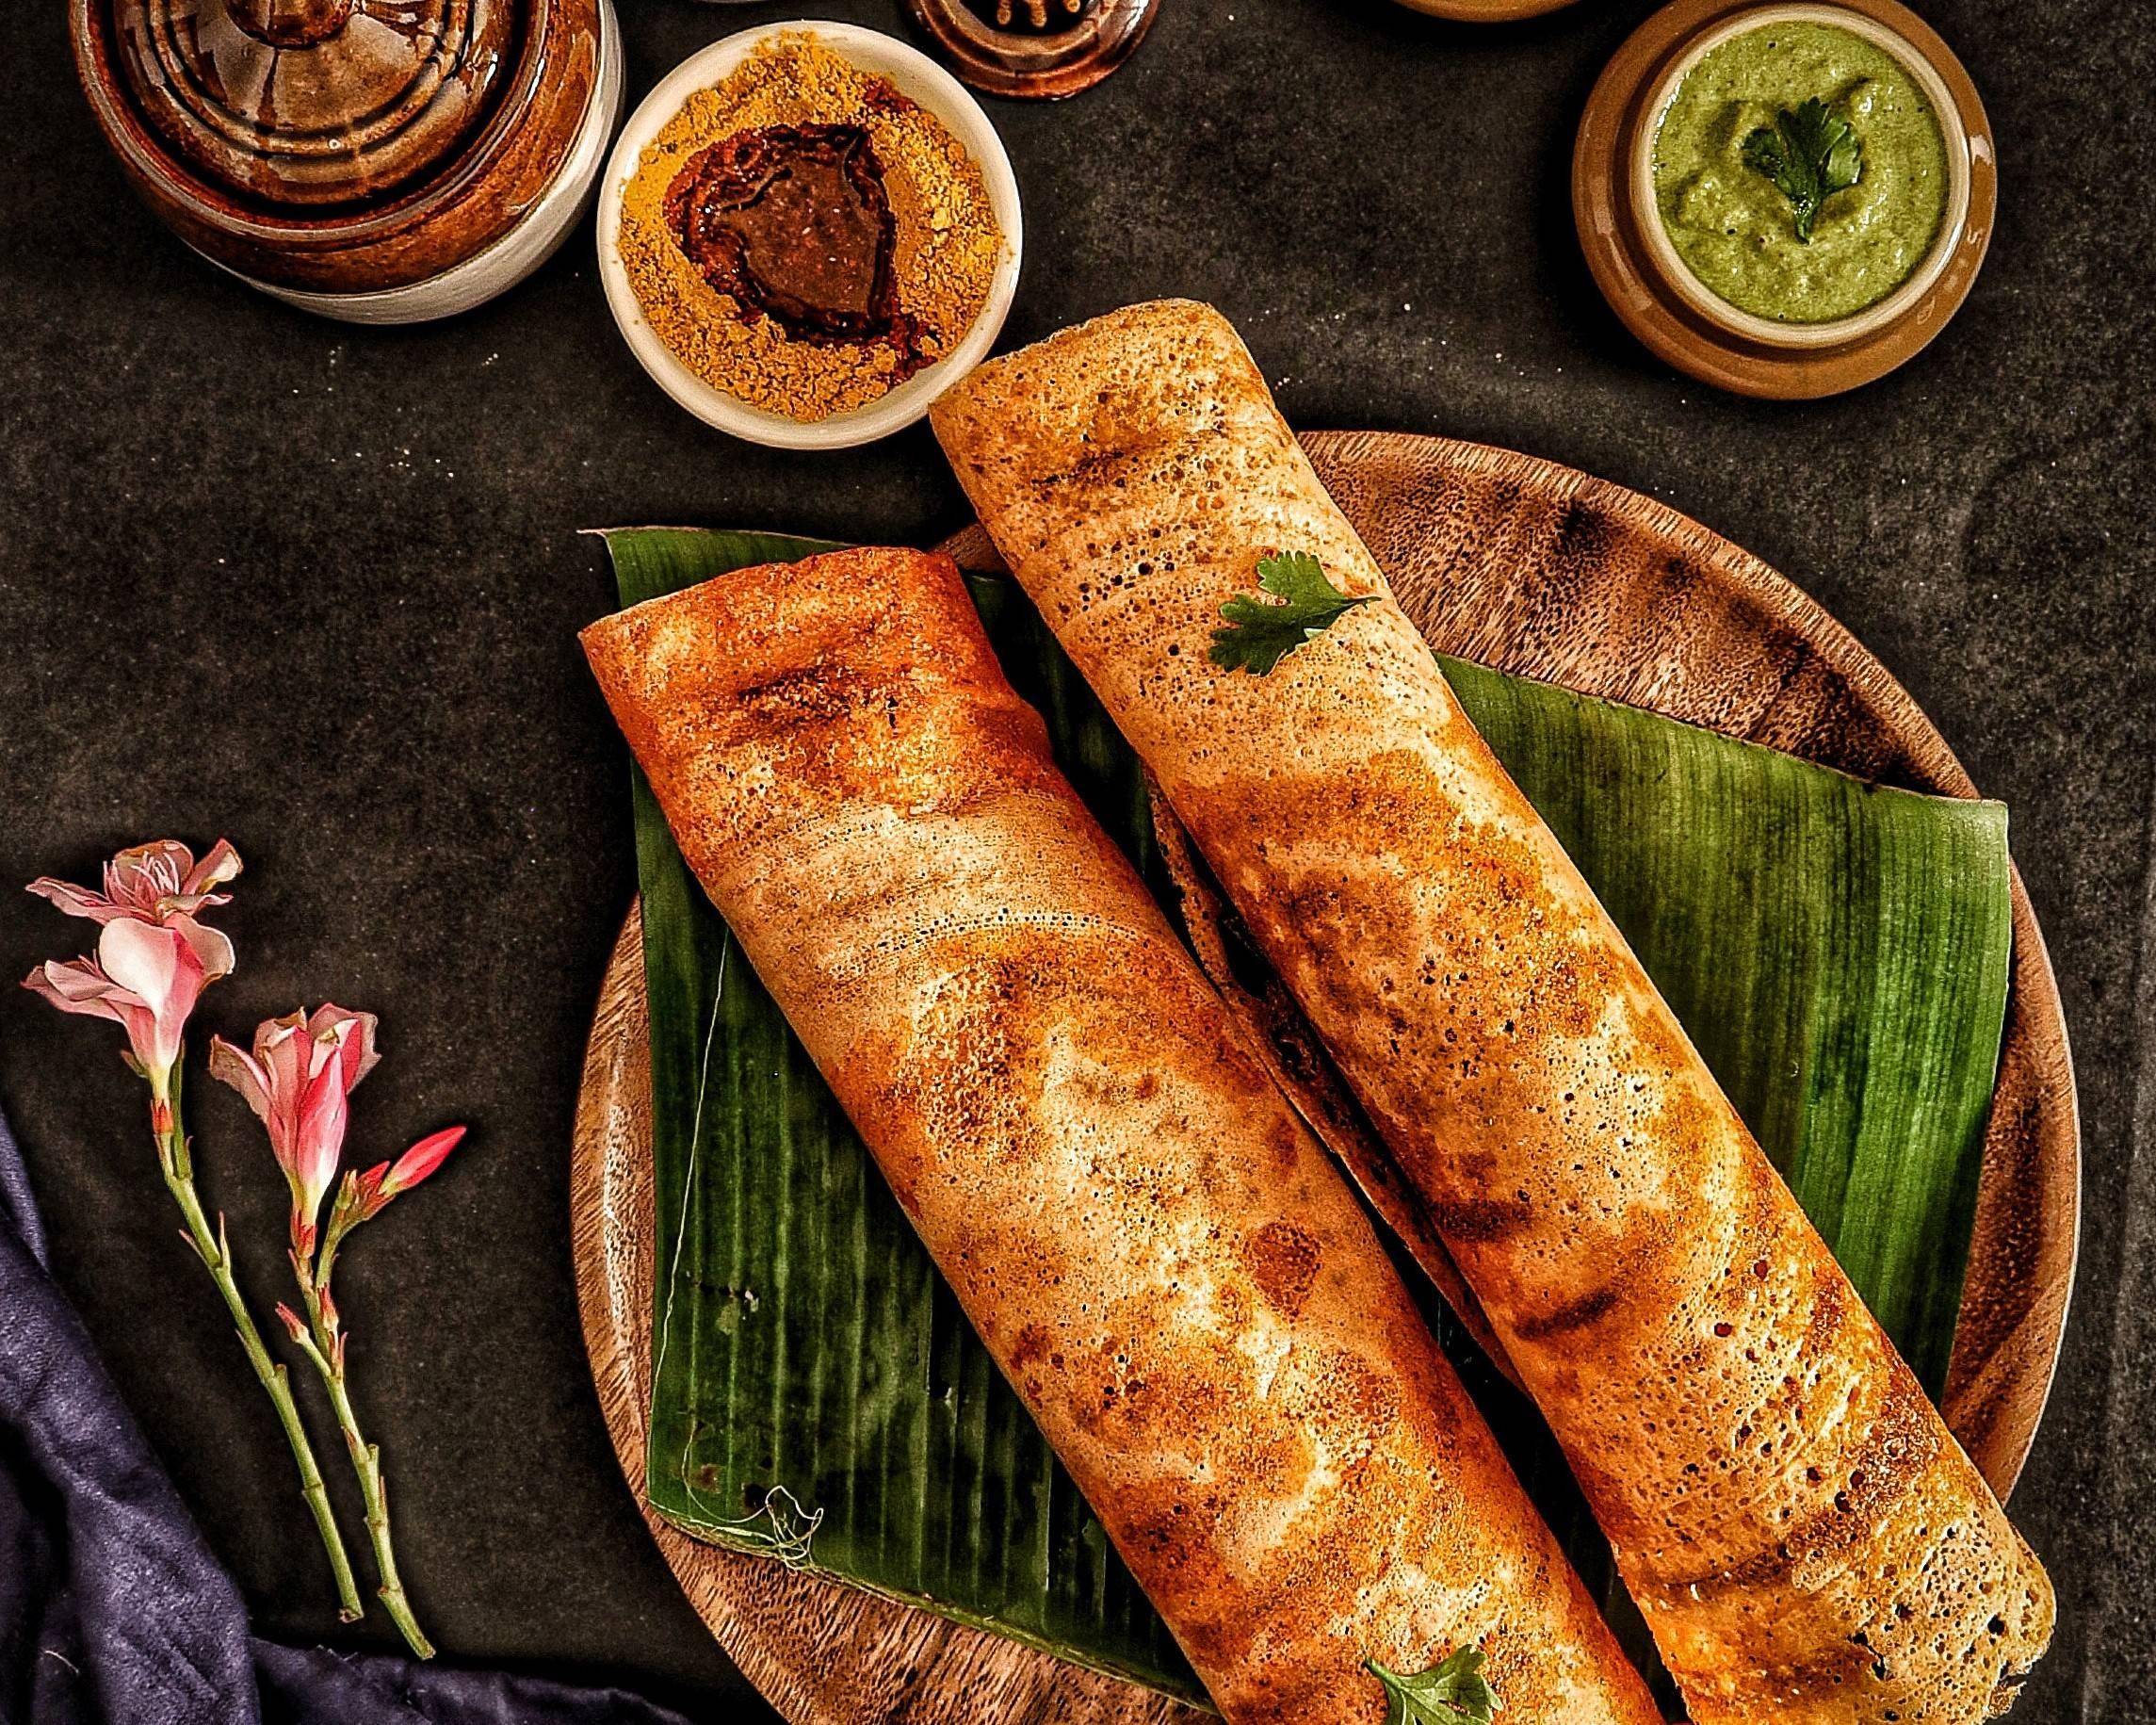 Dosa Chennai India Street Food